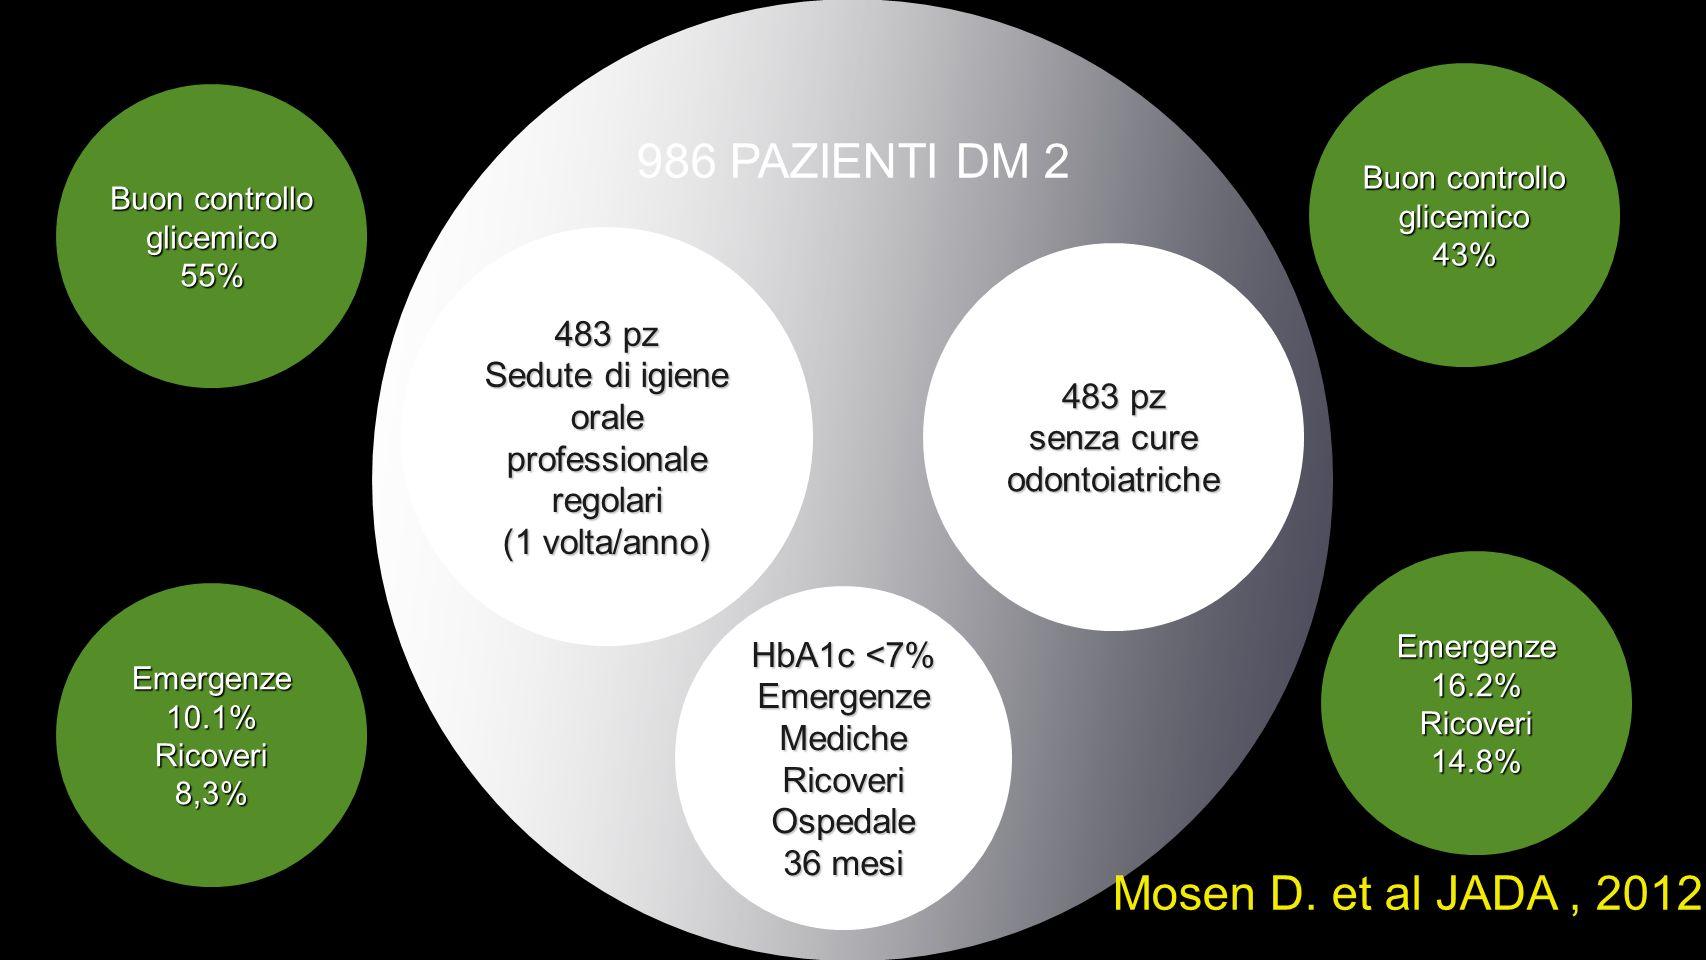 986 PAZIENTI DM 2 483 pz Sedute di igiene orale professionale regolari (1 volta/anno) 483 pz senza cure odontoiatriche Buon controllo glicemico 55% Mo